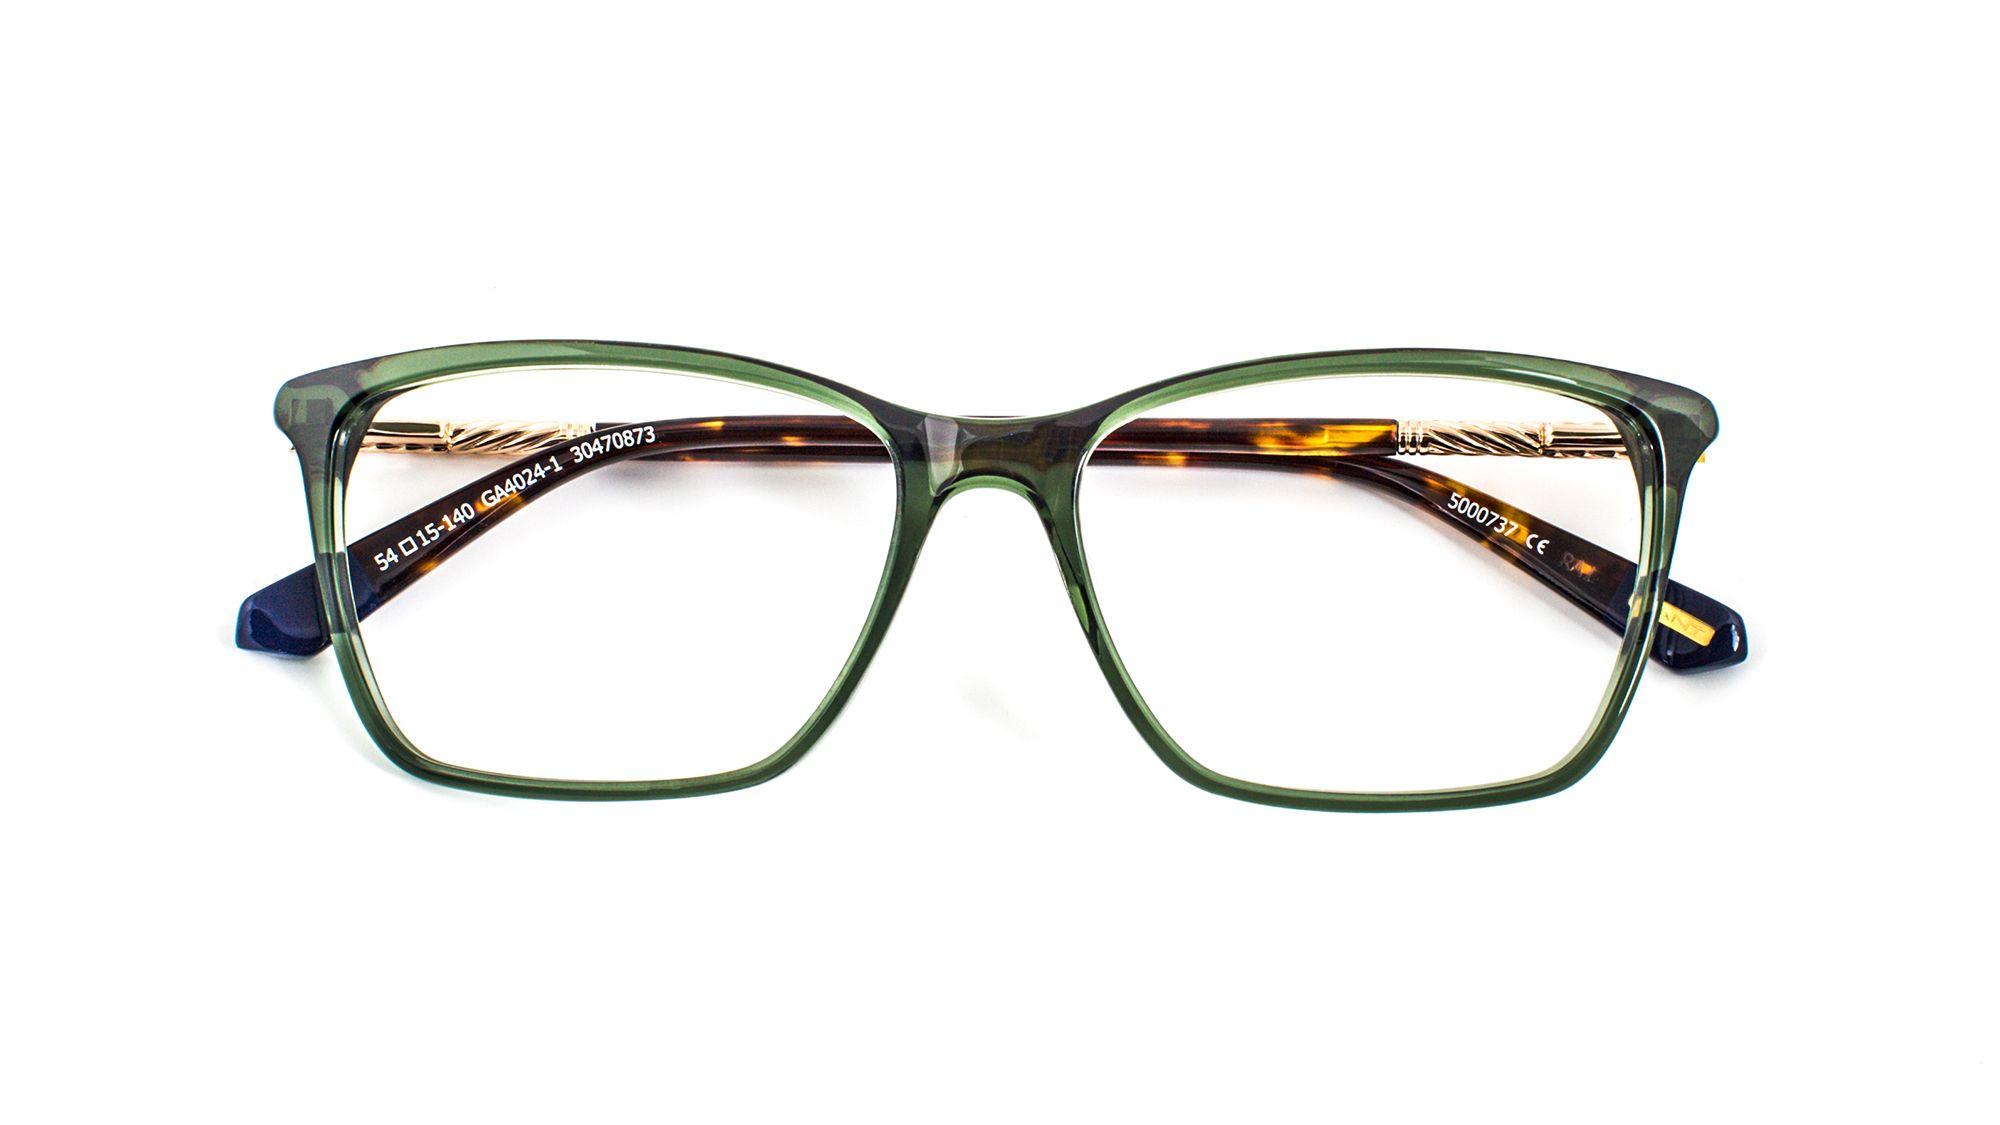 347aa63de6b Gant glasses ga glasses pinterest shoe bag jewel jpg 2000x1125 Gant glasses  for women